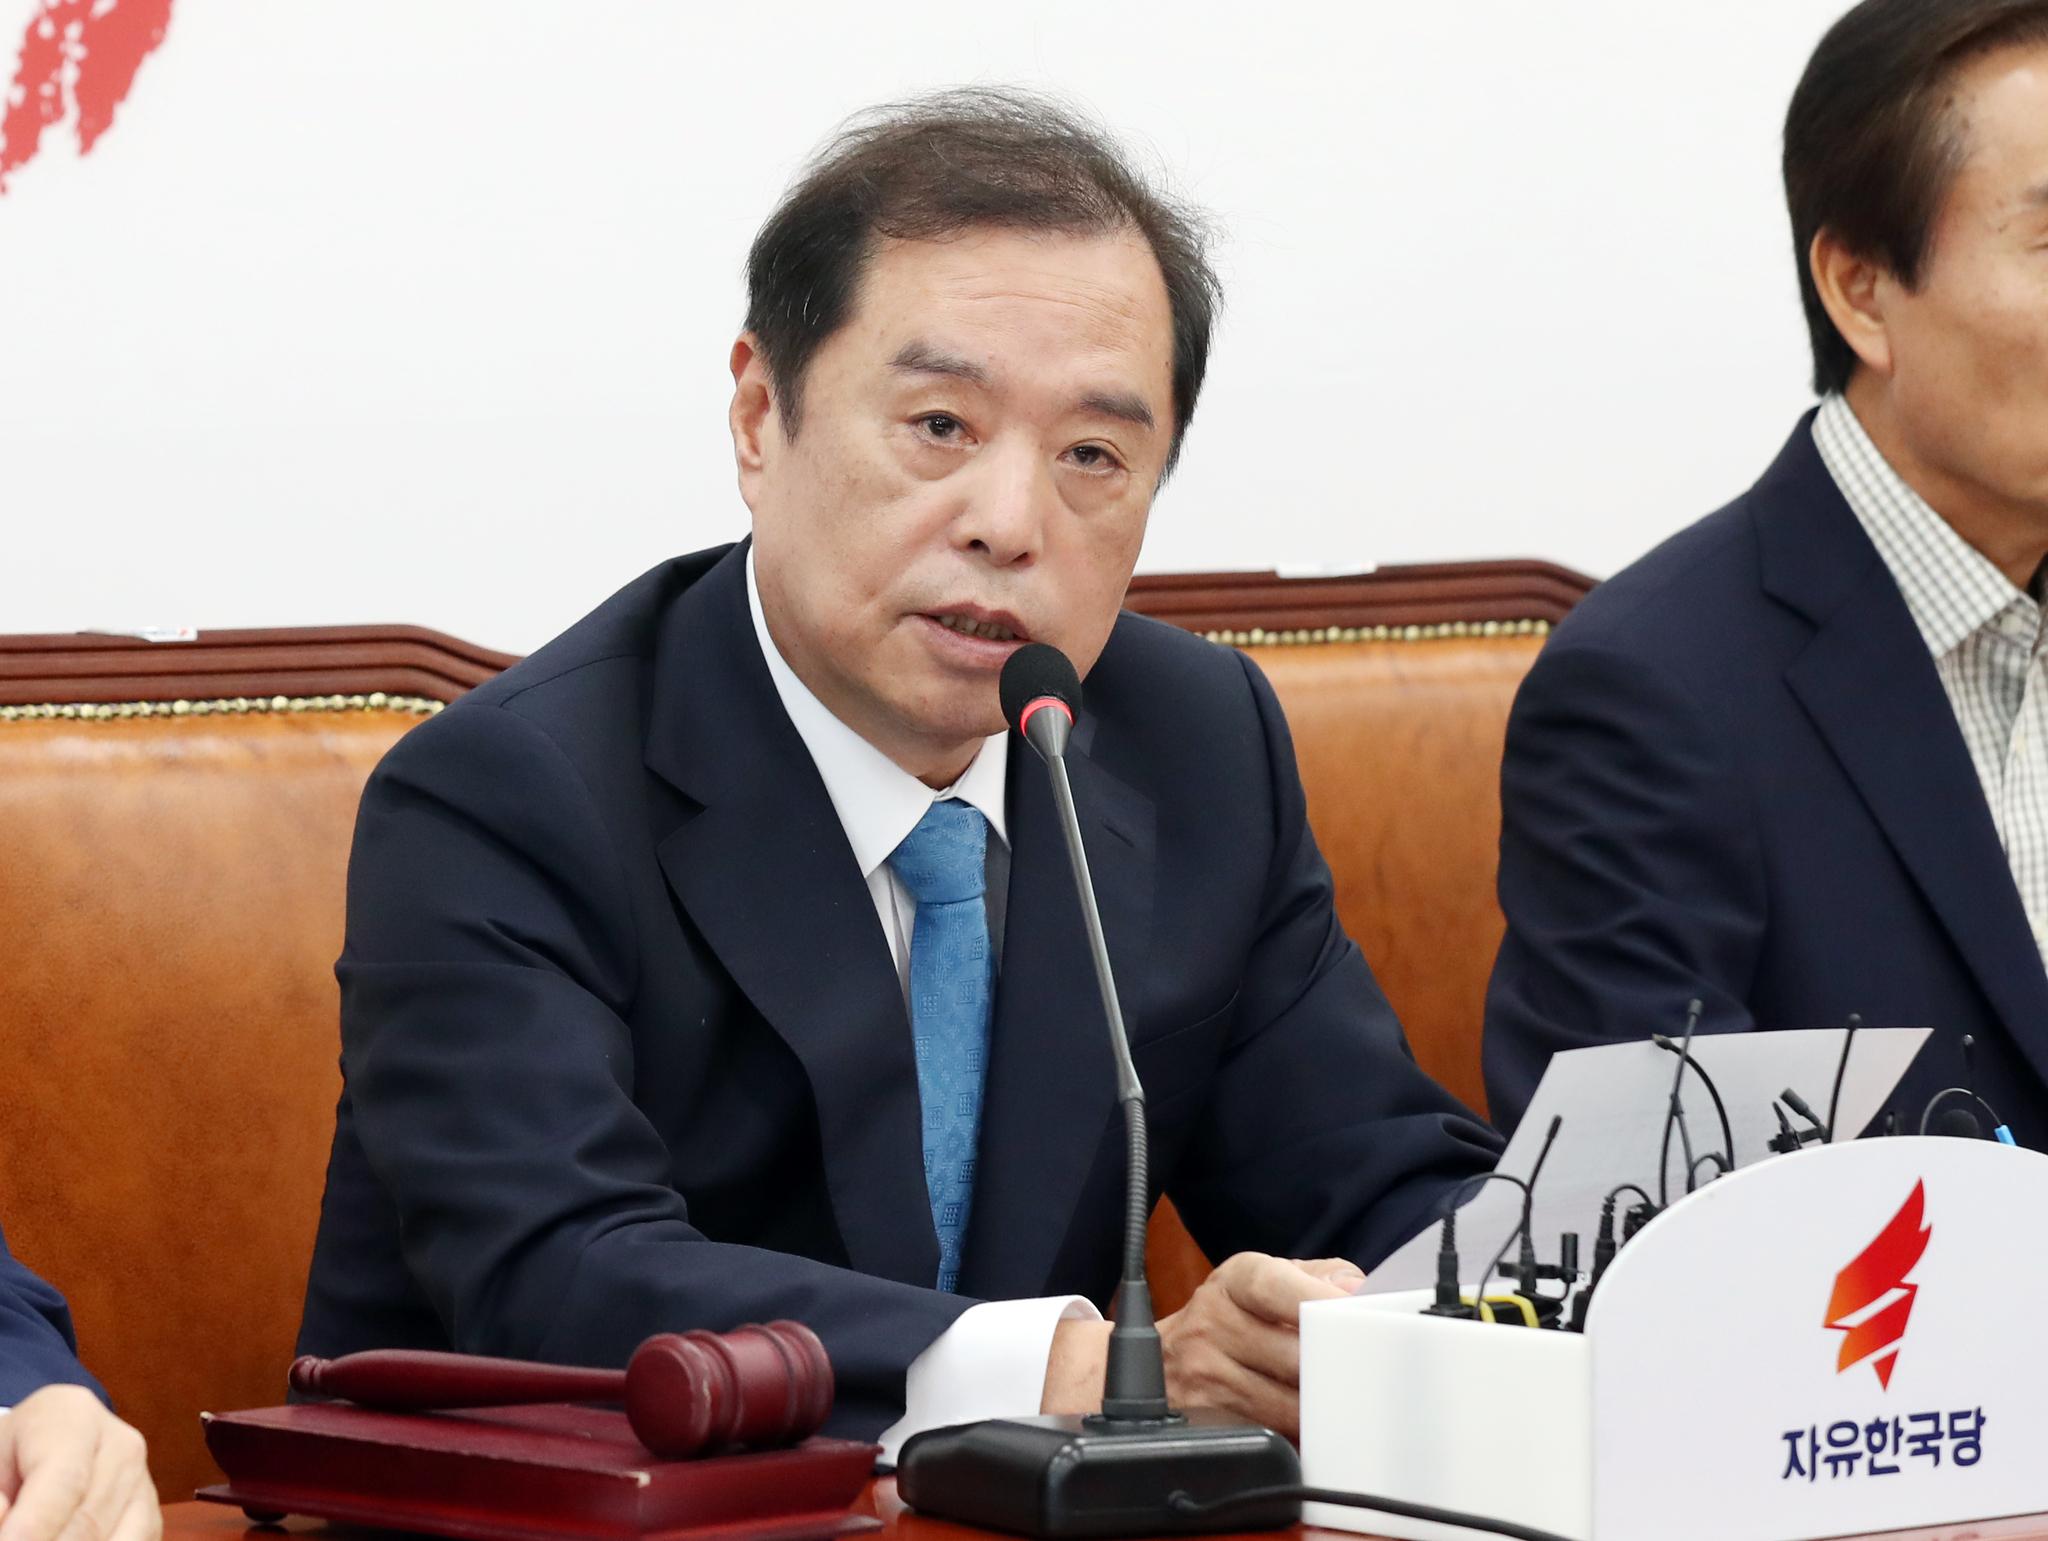 자유한국당 김병준 비상대책위원장이 16일 오전 국회에서 열린 비상대책회의에서 발언을 하고 있다. 임현동 기자